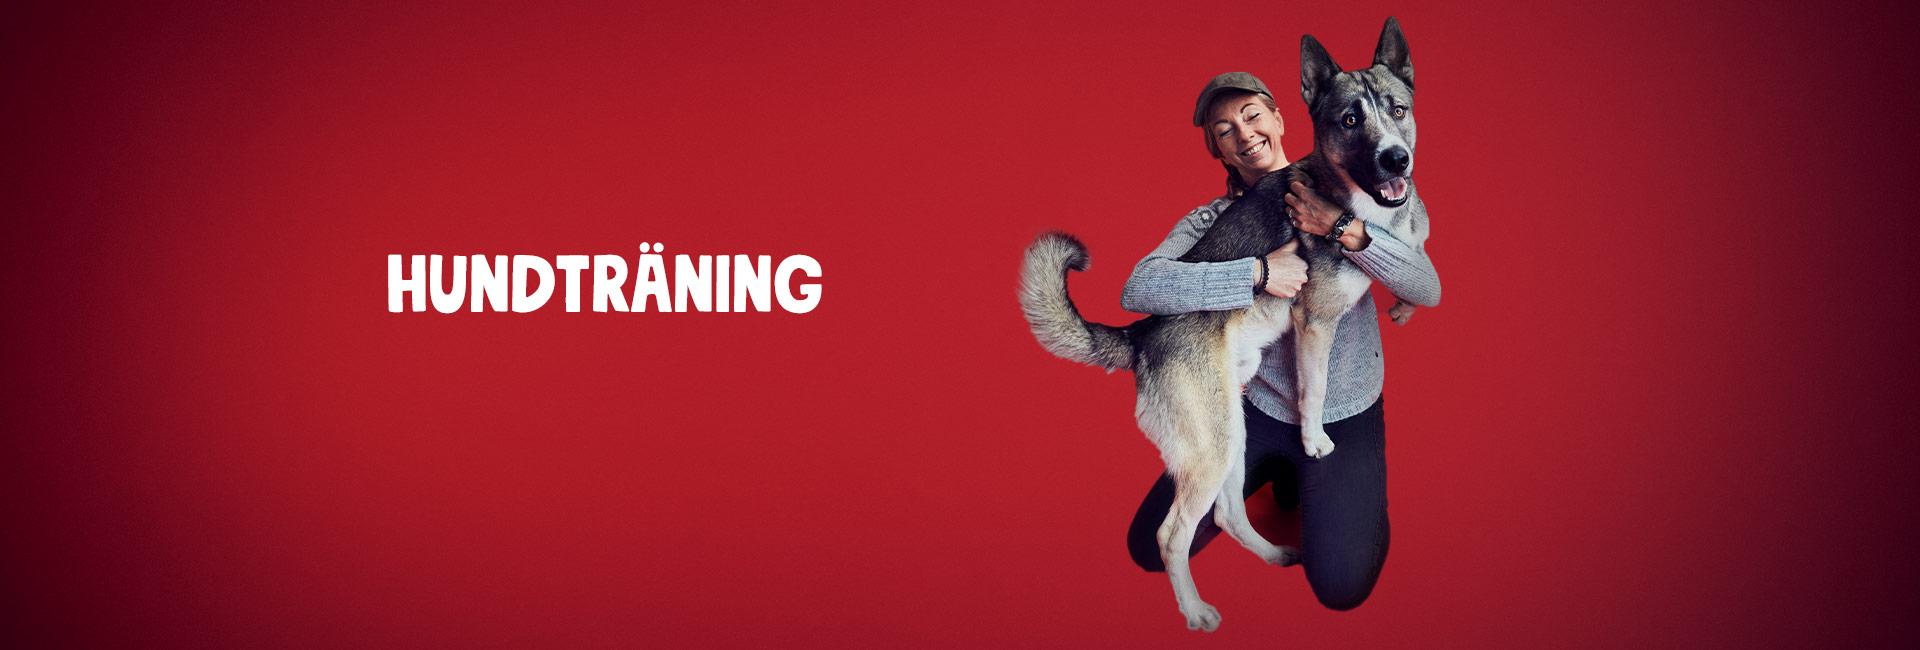 Hundträning